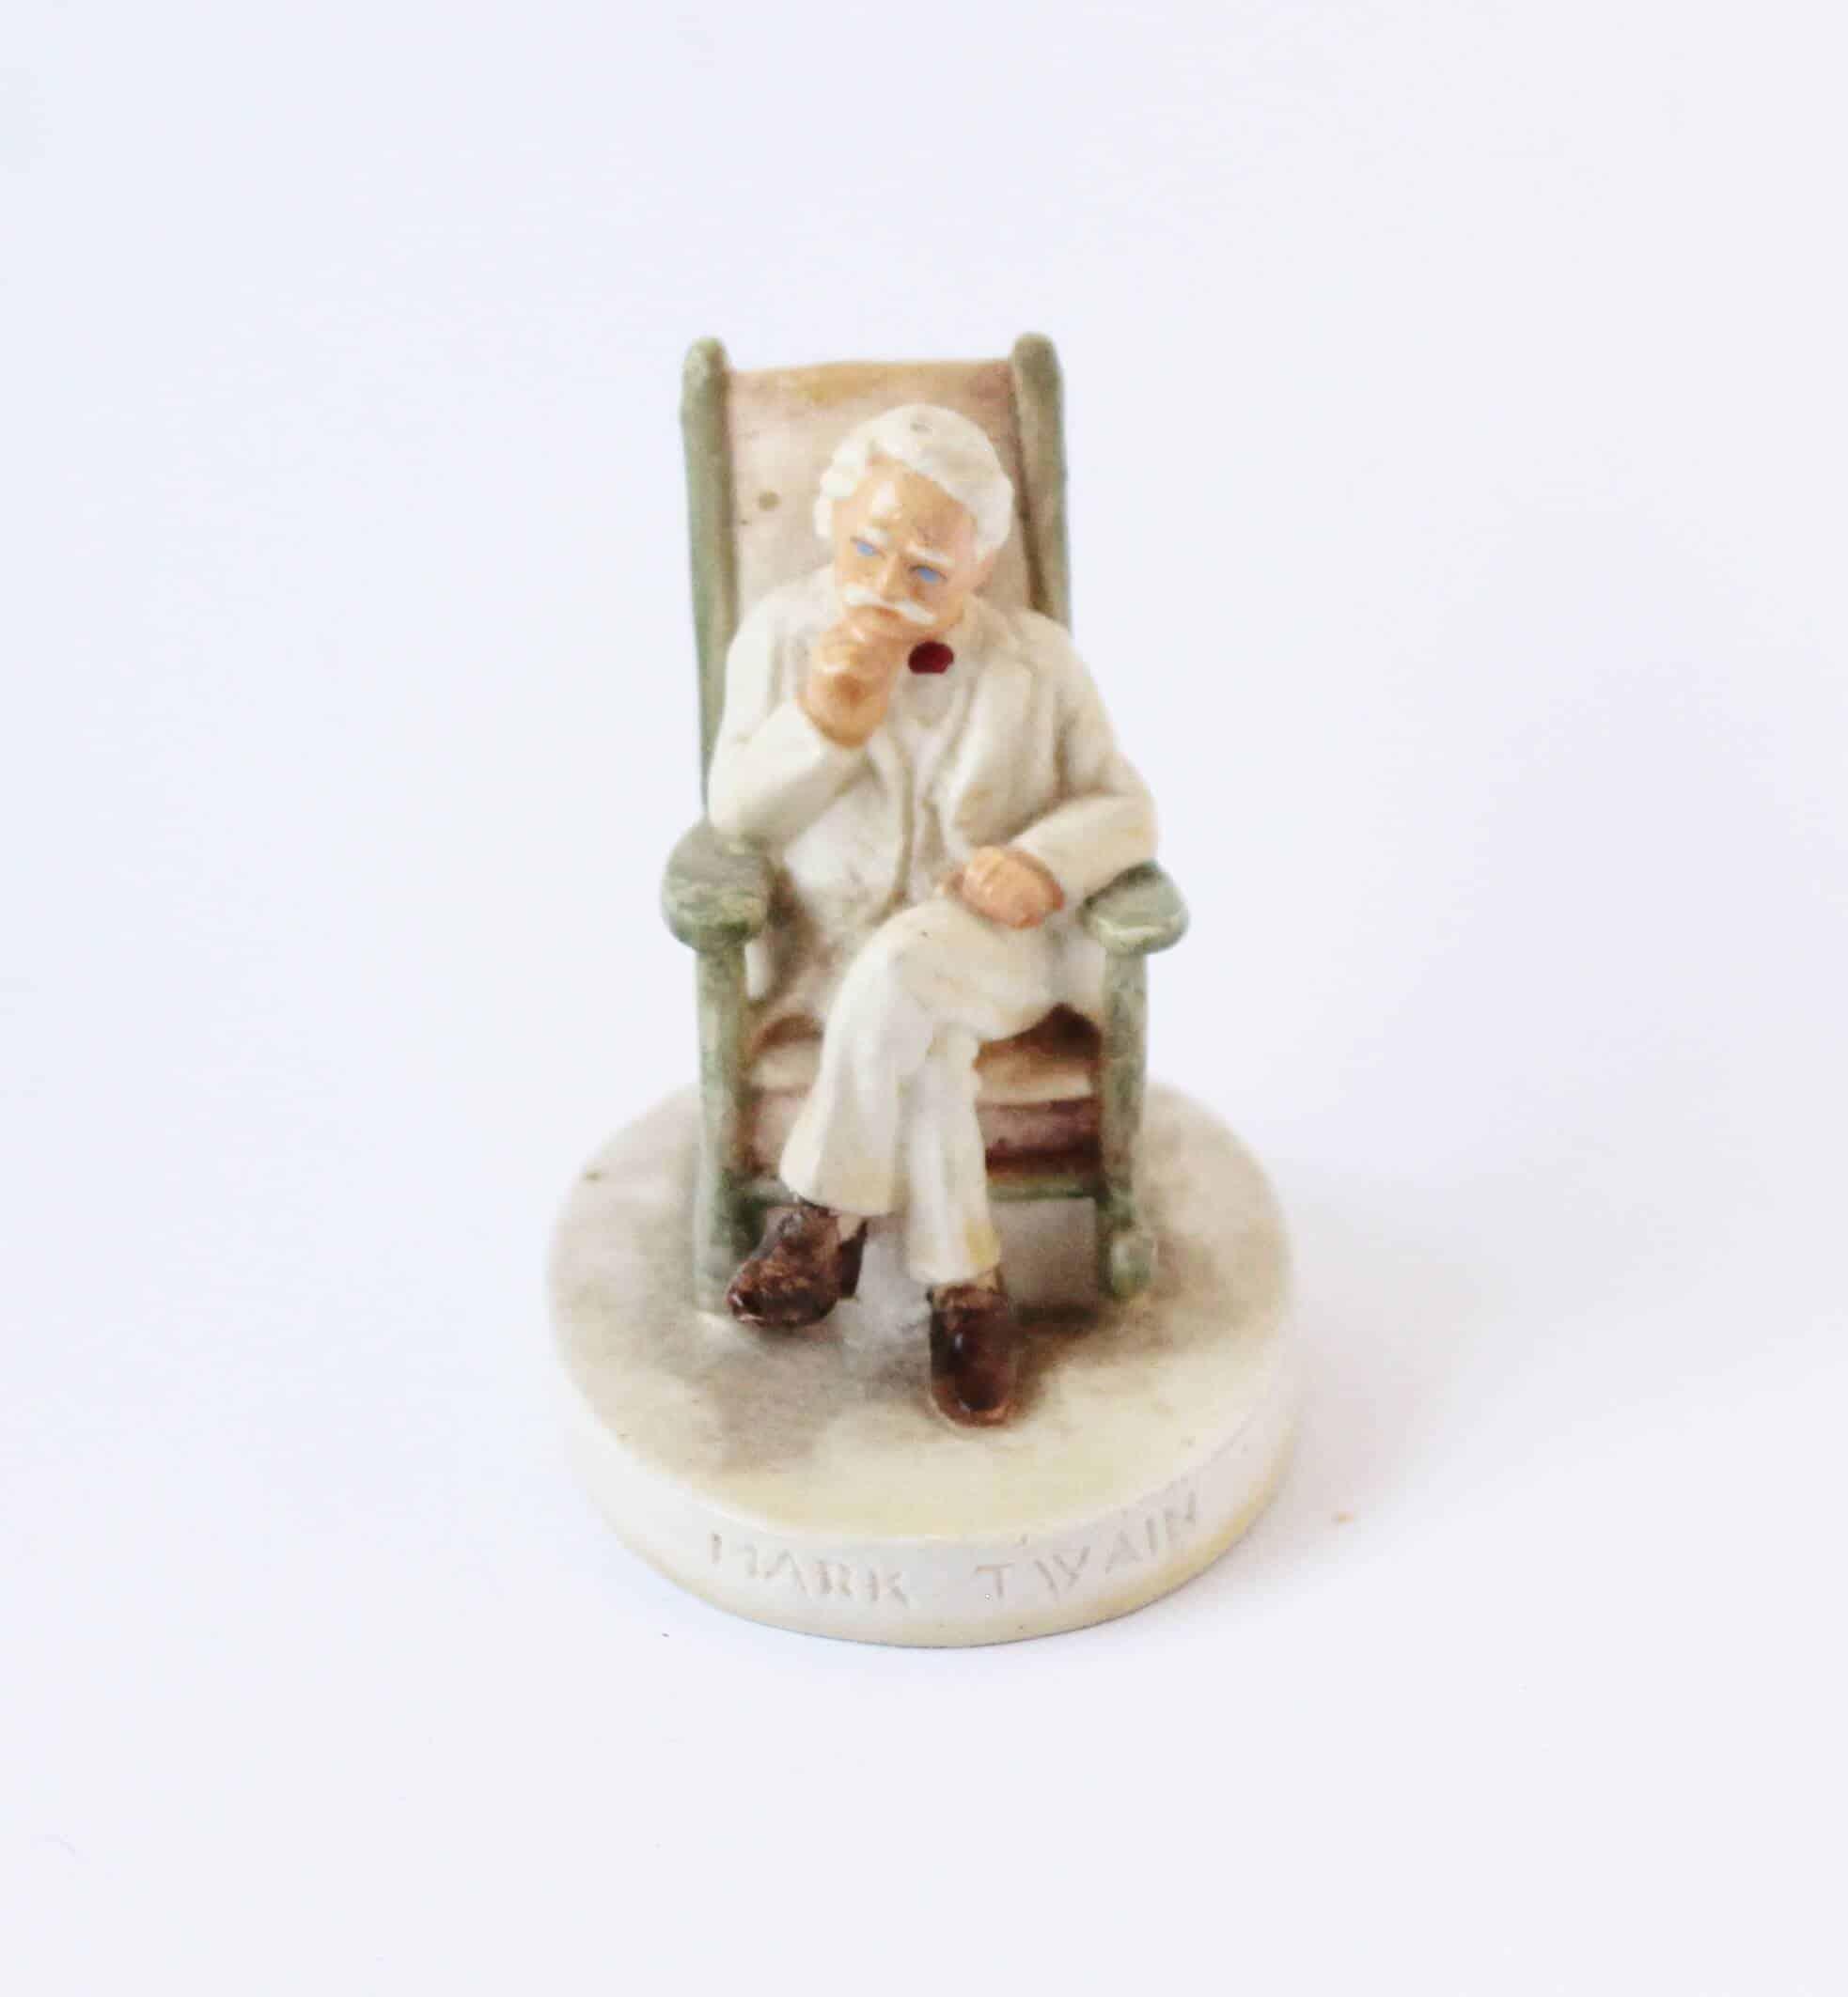 vintage mark twain figurine